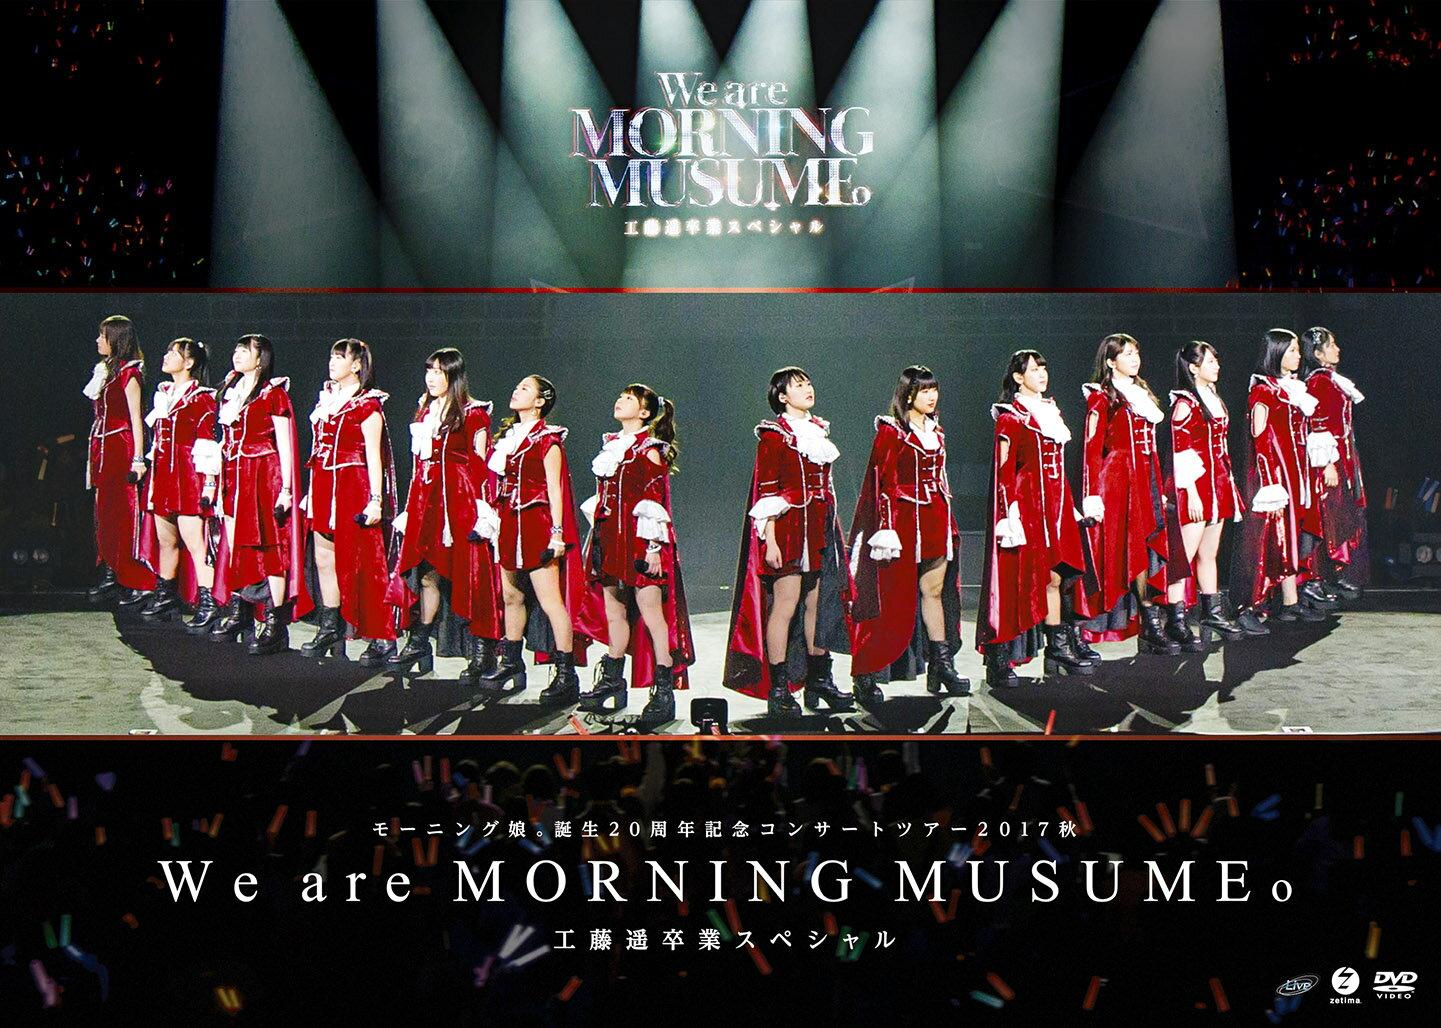 モーニング娘。誕生20周年記念コンサートツアー2017秋〜We are MORNING MUSUME。〜工藤遥卒業スペシャル